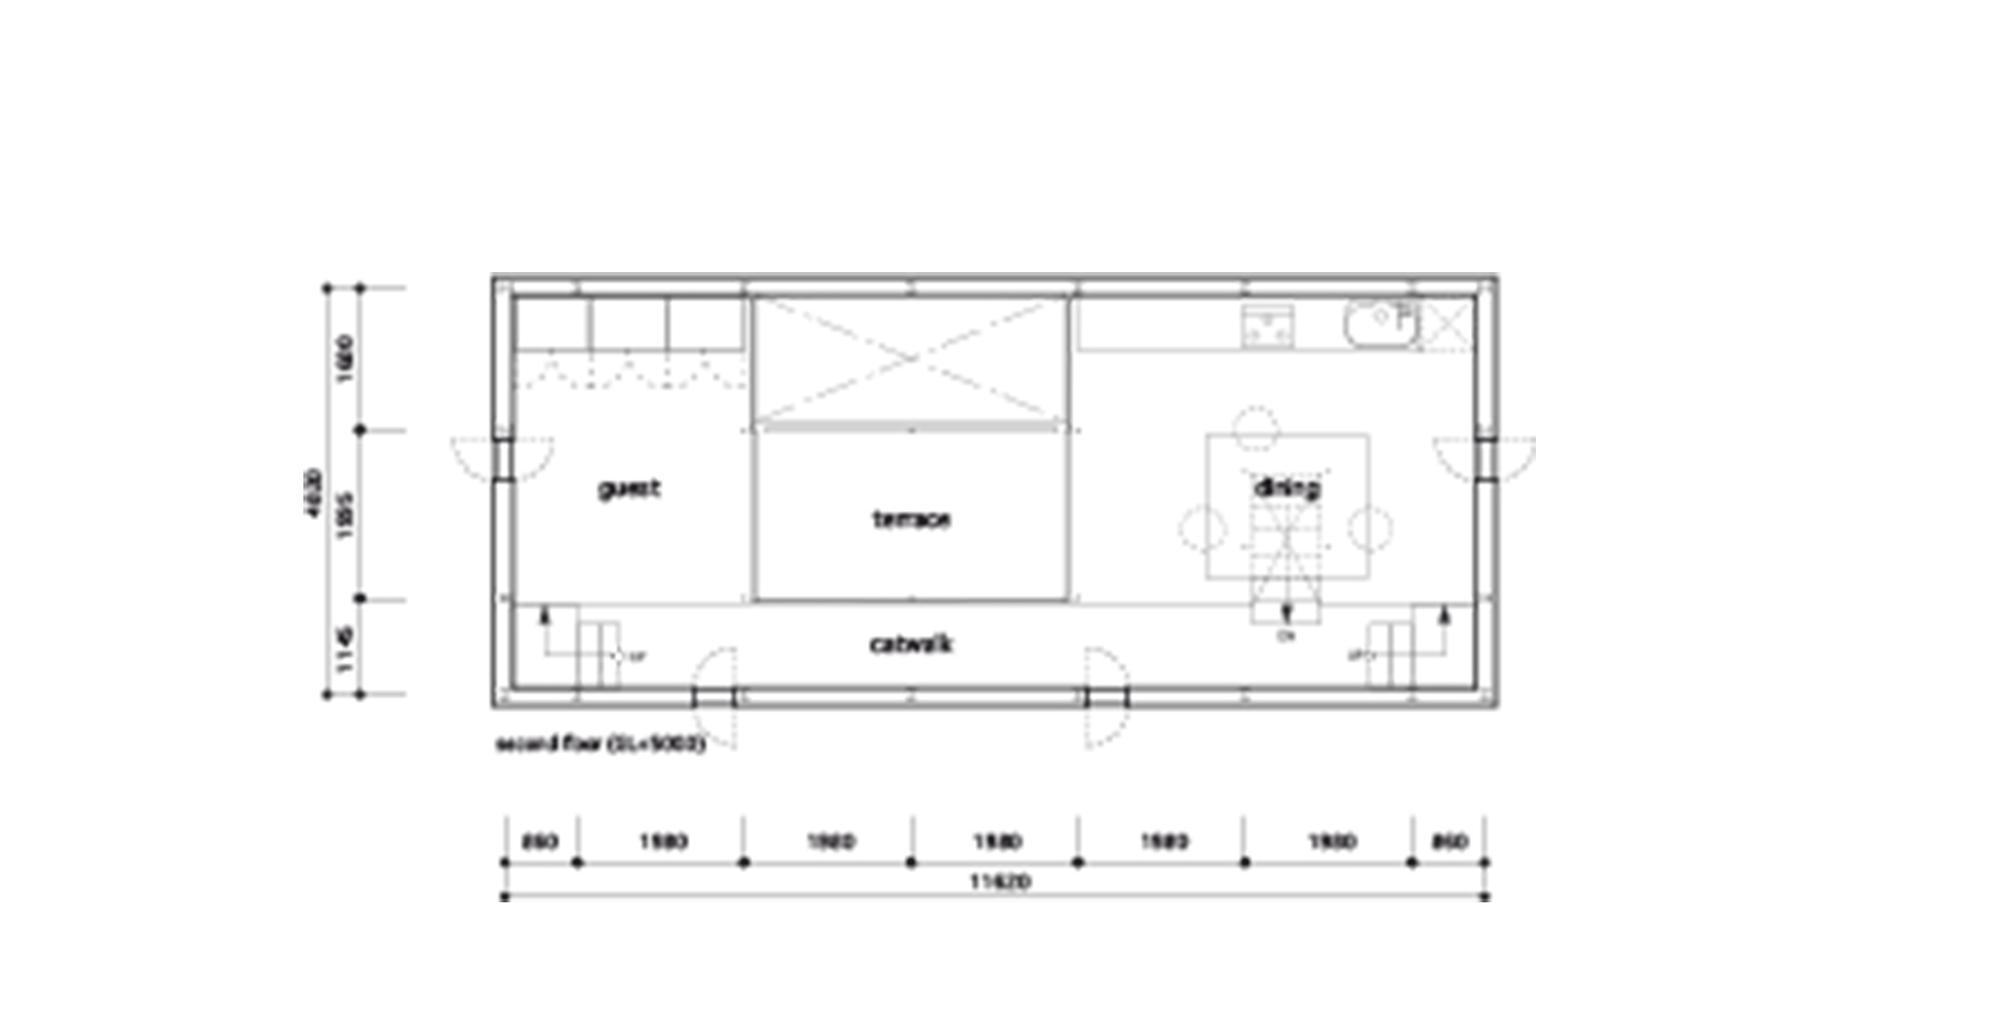 Plano de planta de Casa túnel de Makiko Tsukada Architects